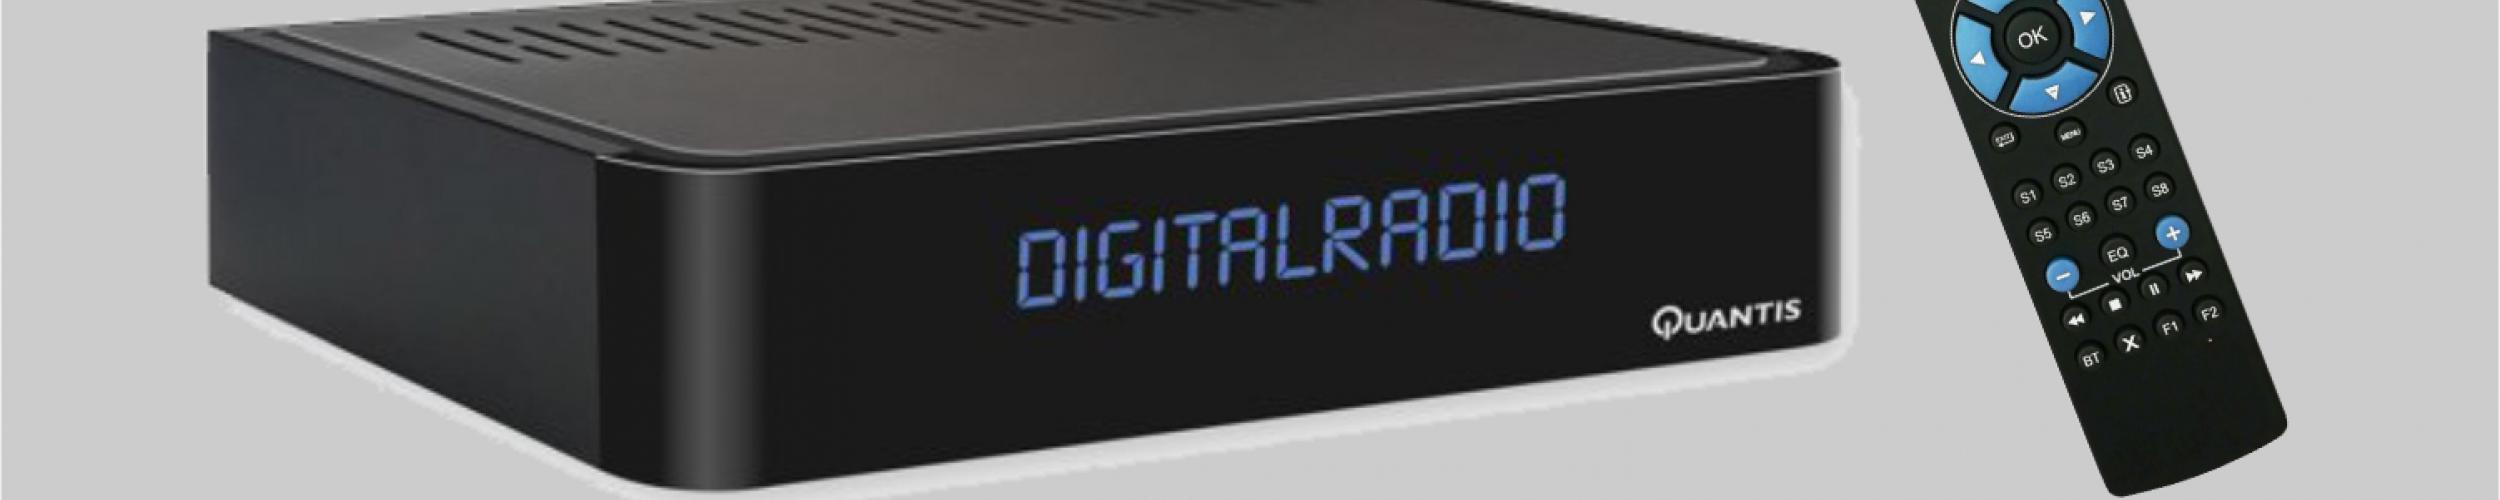 Analoog Telenet radio signaal wordt definitief stopgezet.